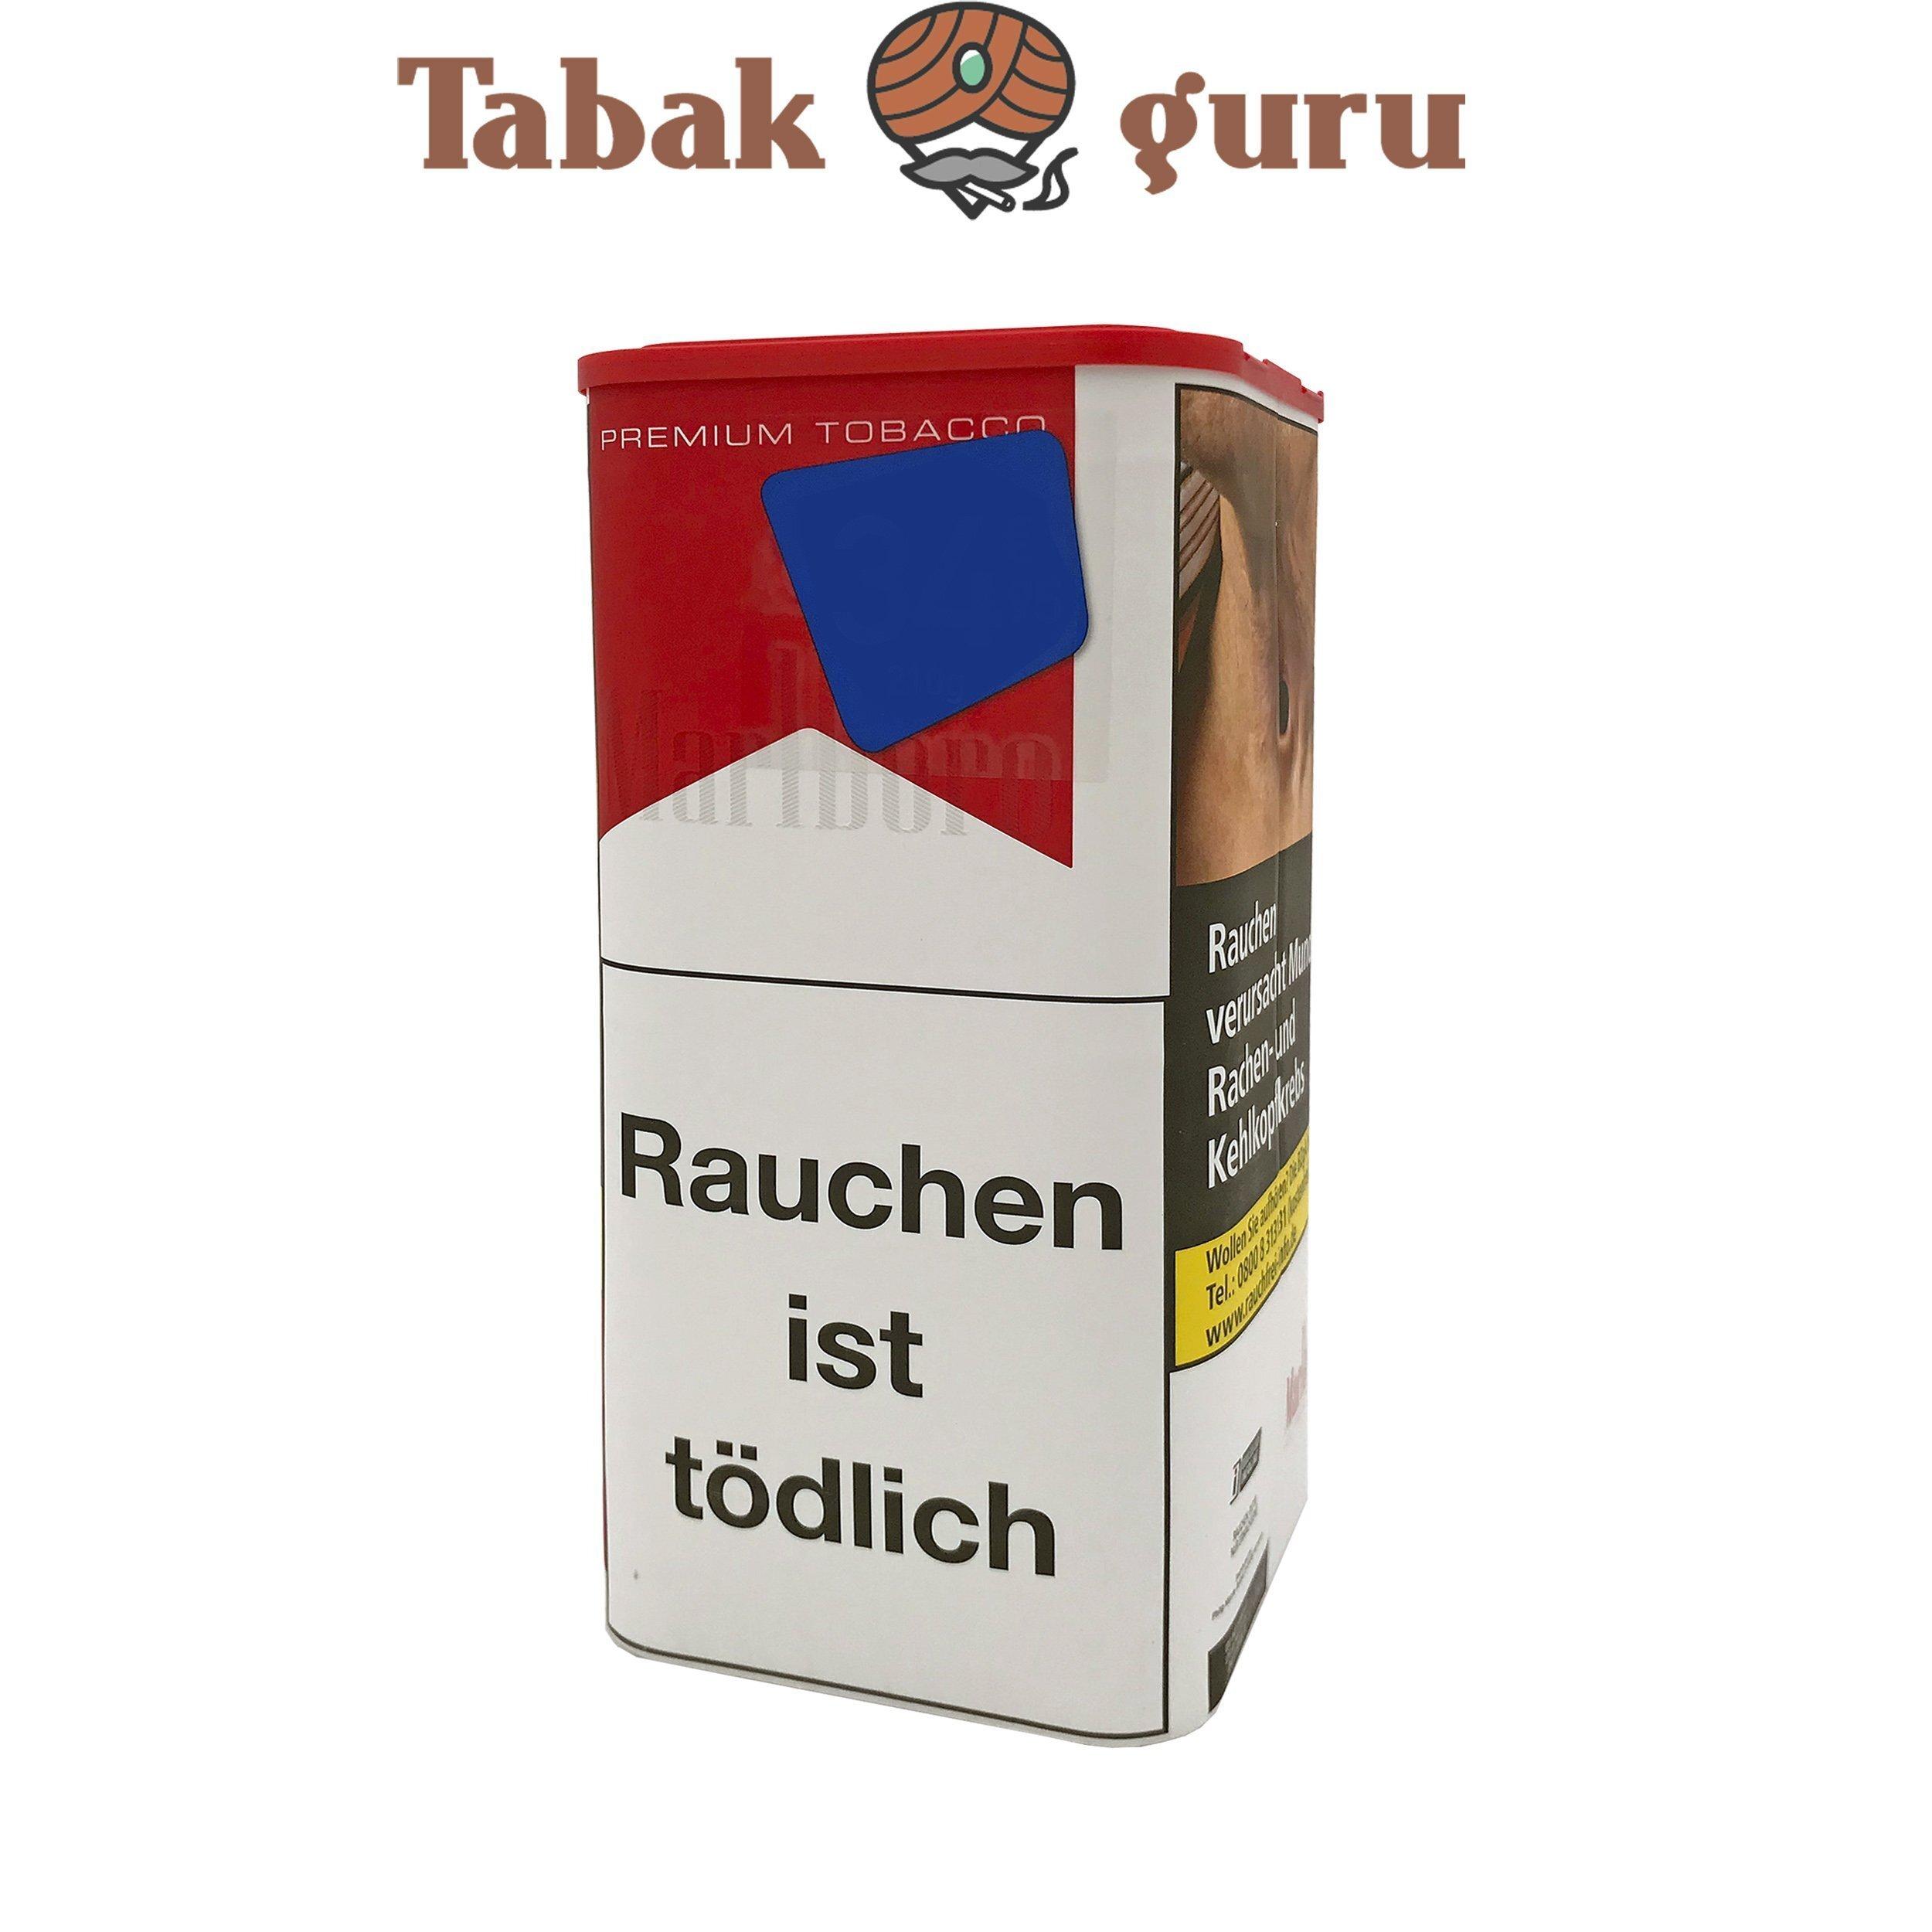 Marlboro Red / Rot Premium Feinschnitt Tabak  XXL 205g Dose